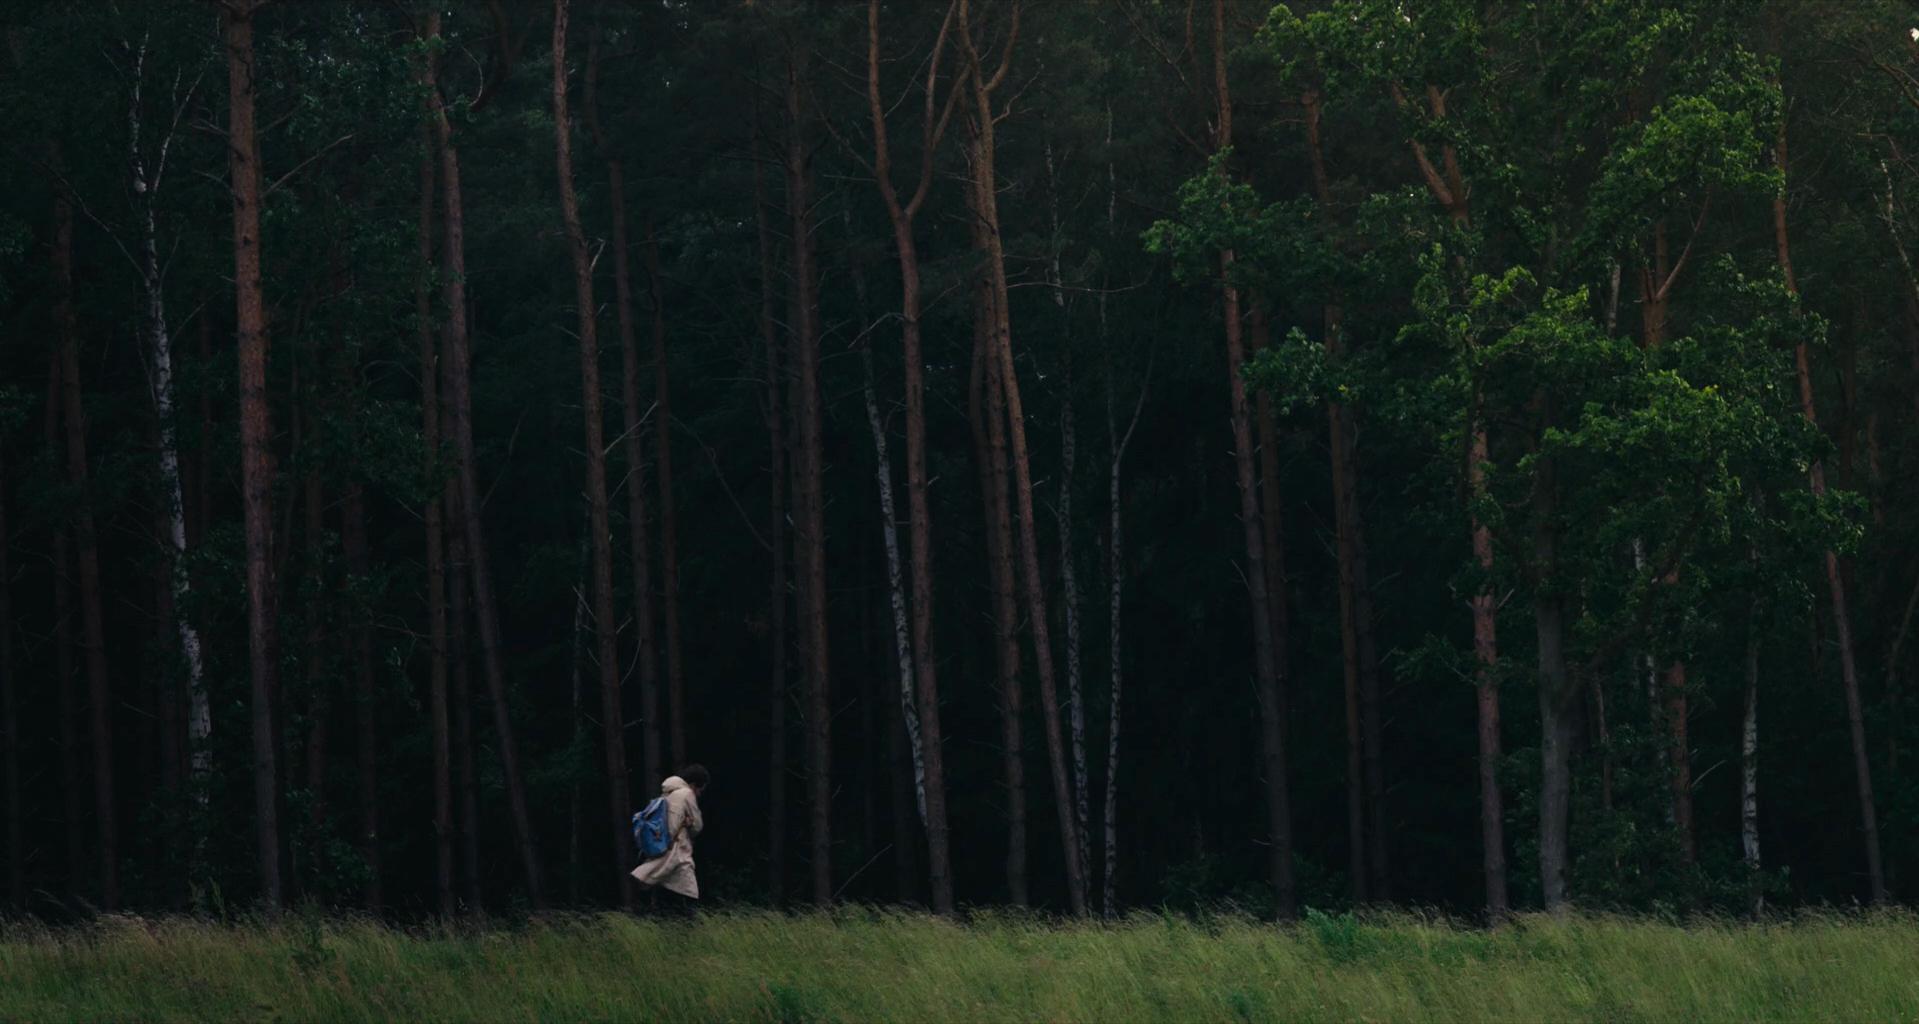 Still_Wanderer_01©wirFILM:Campean.jpg